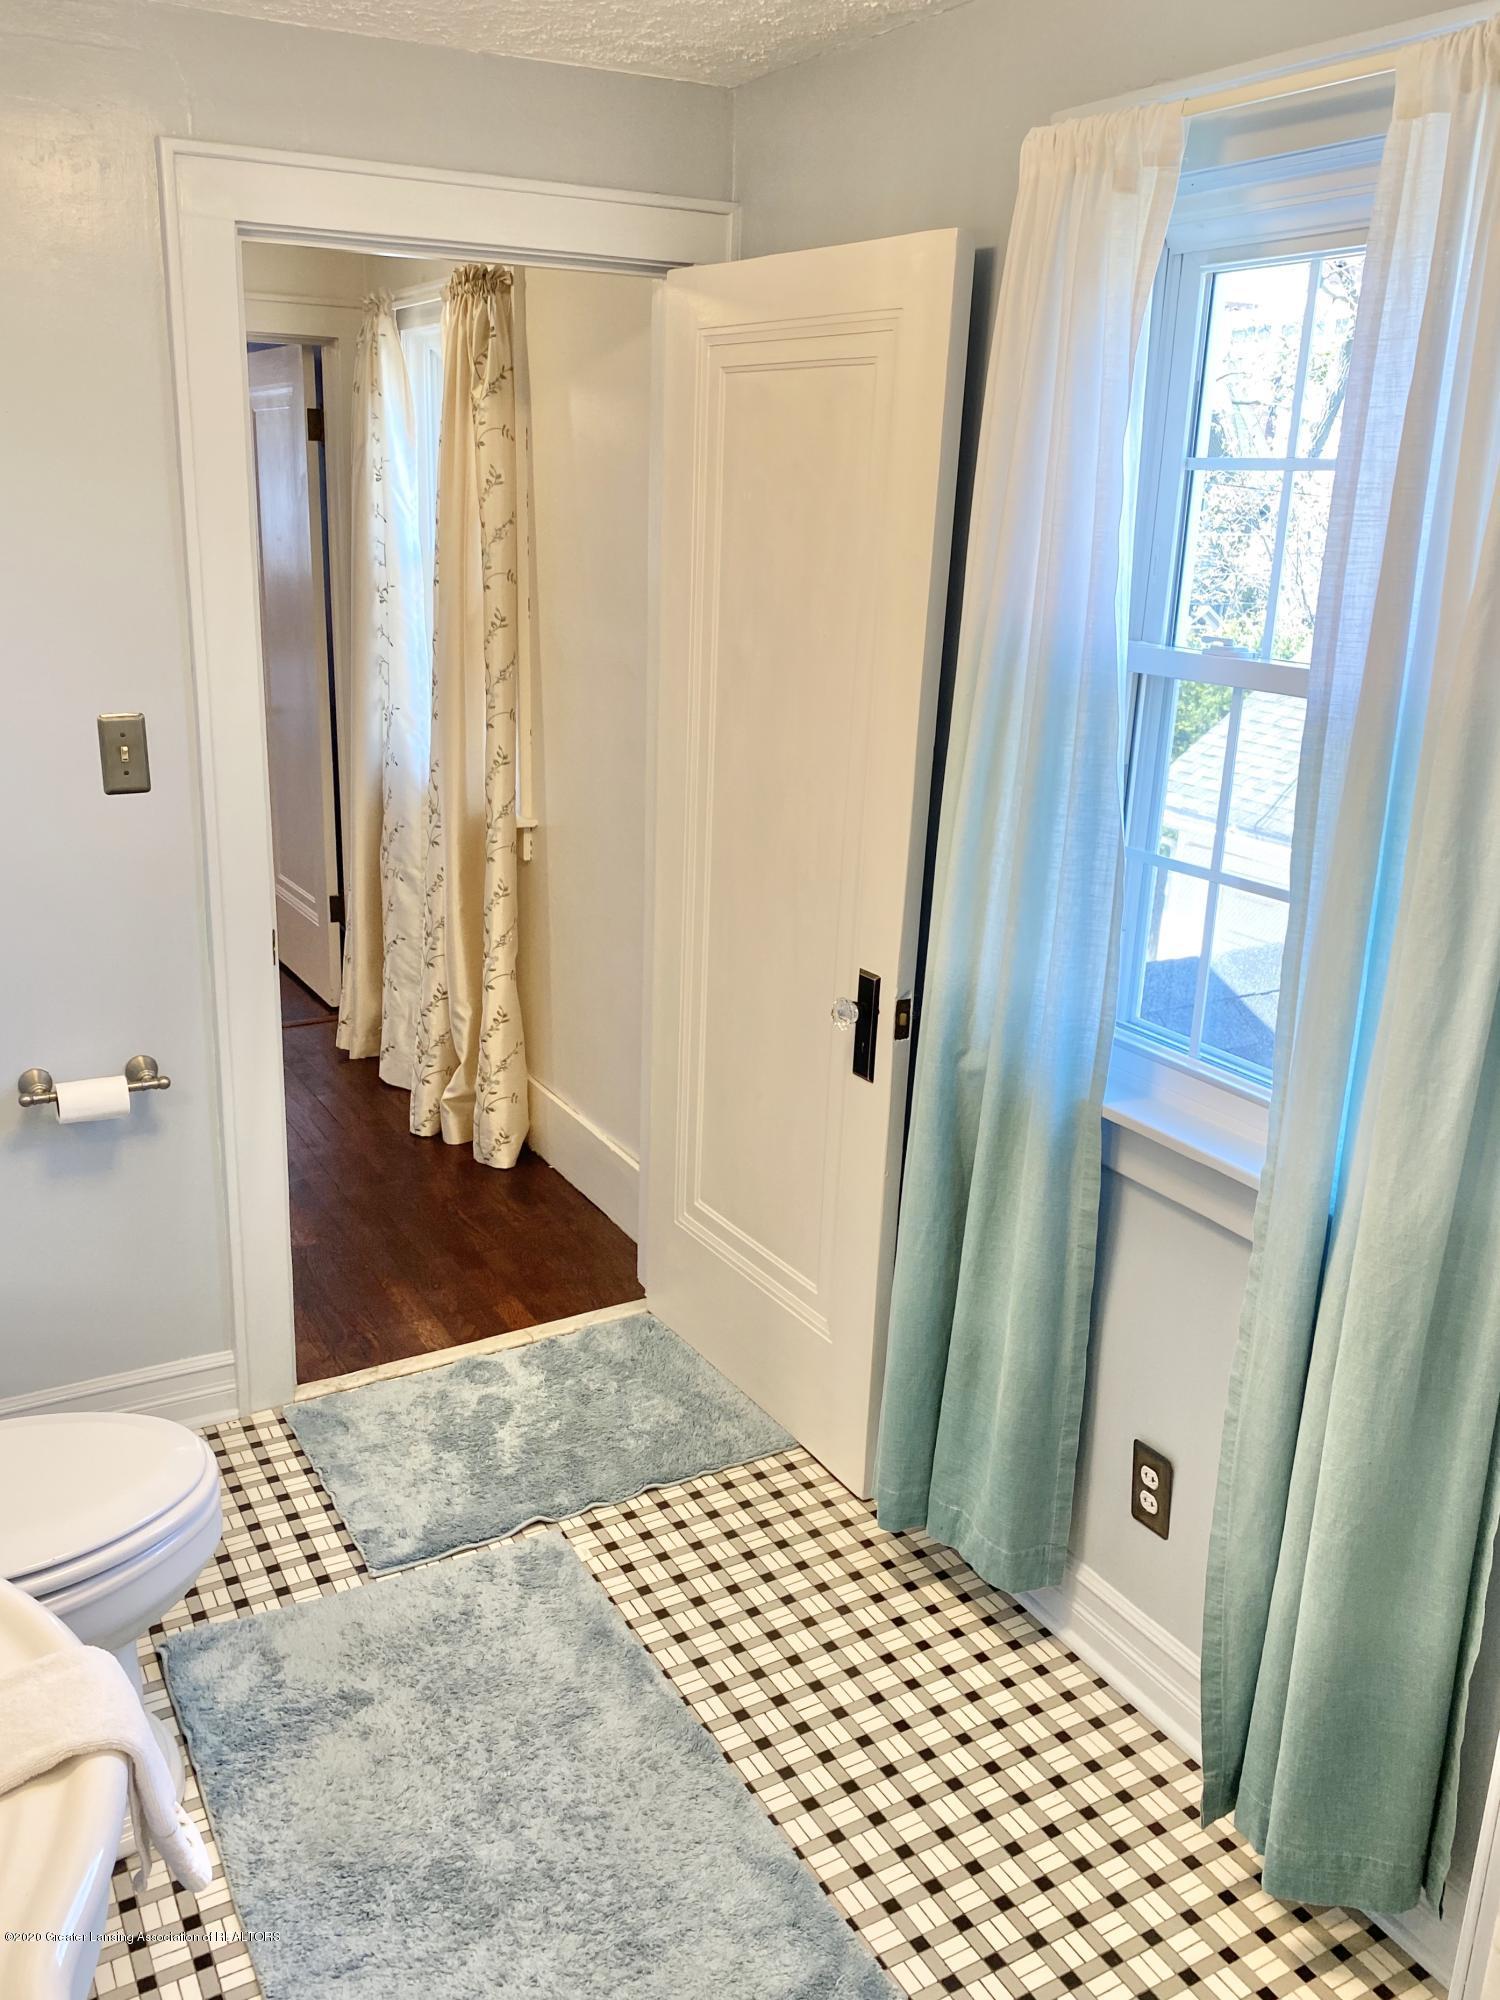 1313 Prospect St - Full Bathroom - 33